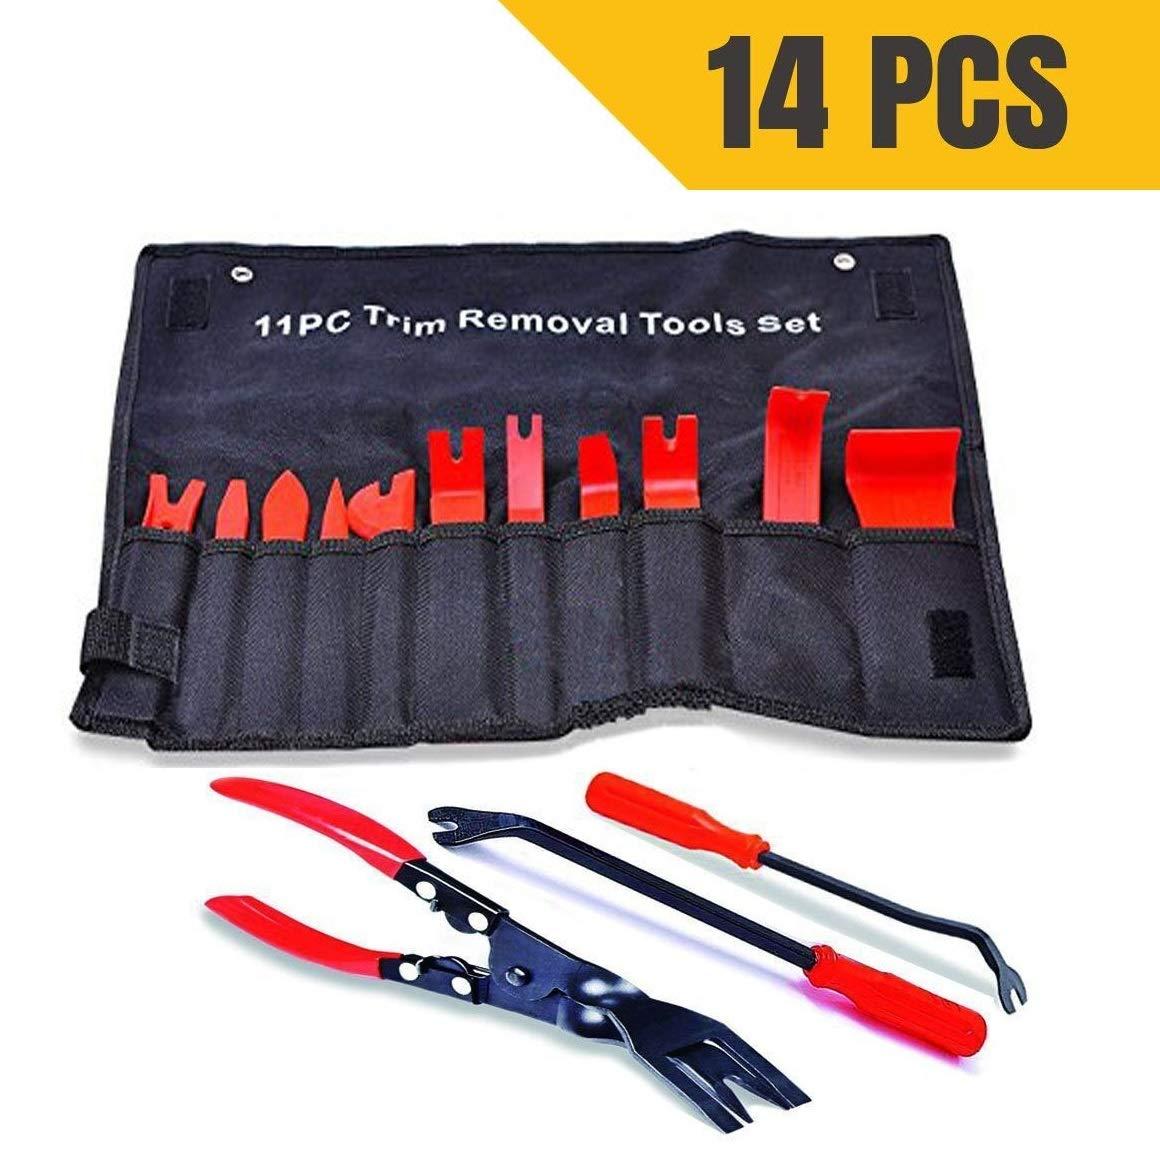 attrezzi auto con custodia, kit di attrezzi per rimozione tappezzeria, pannelli portiera, cruscotto, in nylon resistente + pinze clip + 2 pezzi rimozione (totale 14 pezzi) AYAOQIANG 14 Pcs Tools